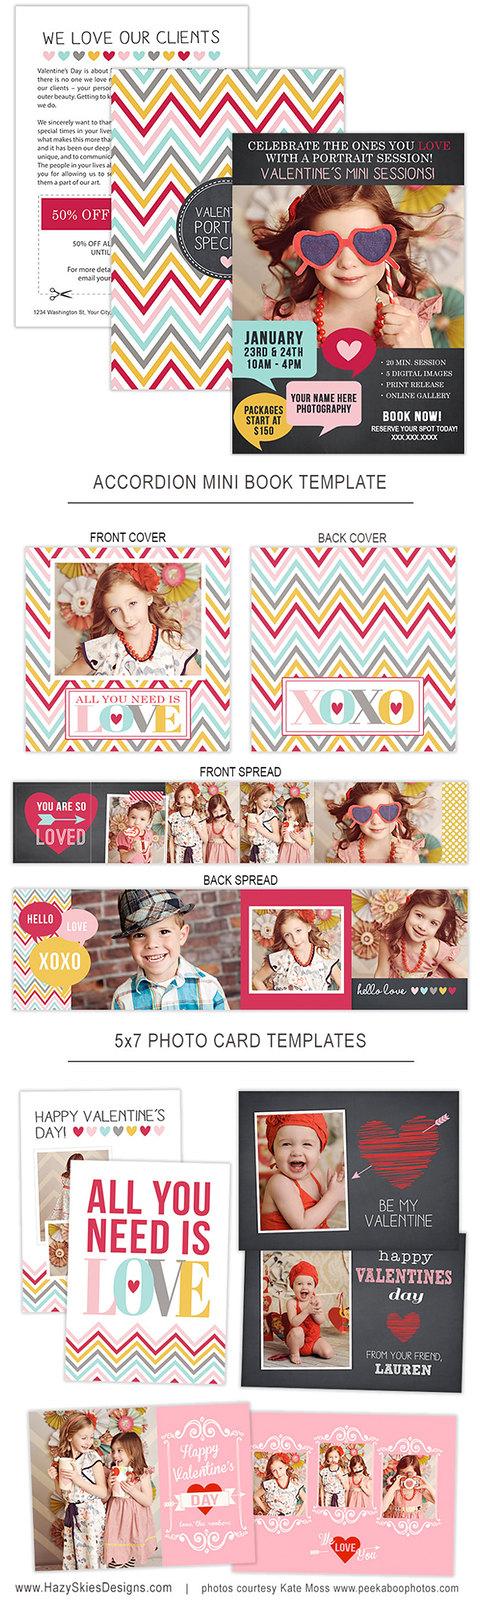 Valentine's Day Mini Session Marketing & Sales Kit for Photographers www.hazyskiesdesigns.com